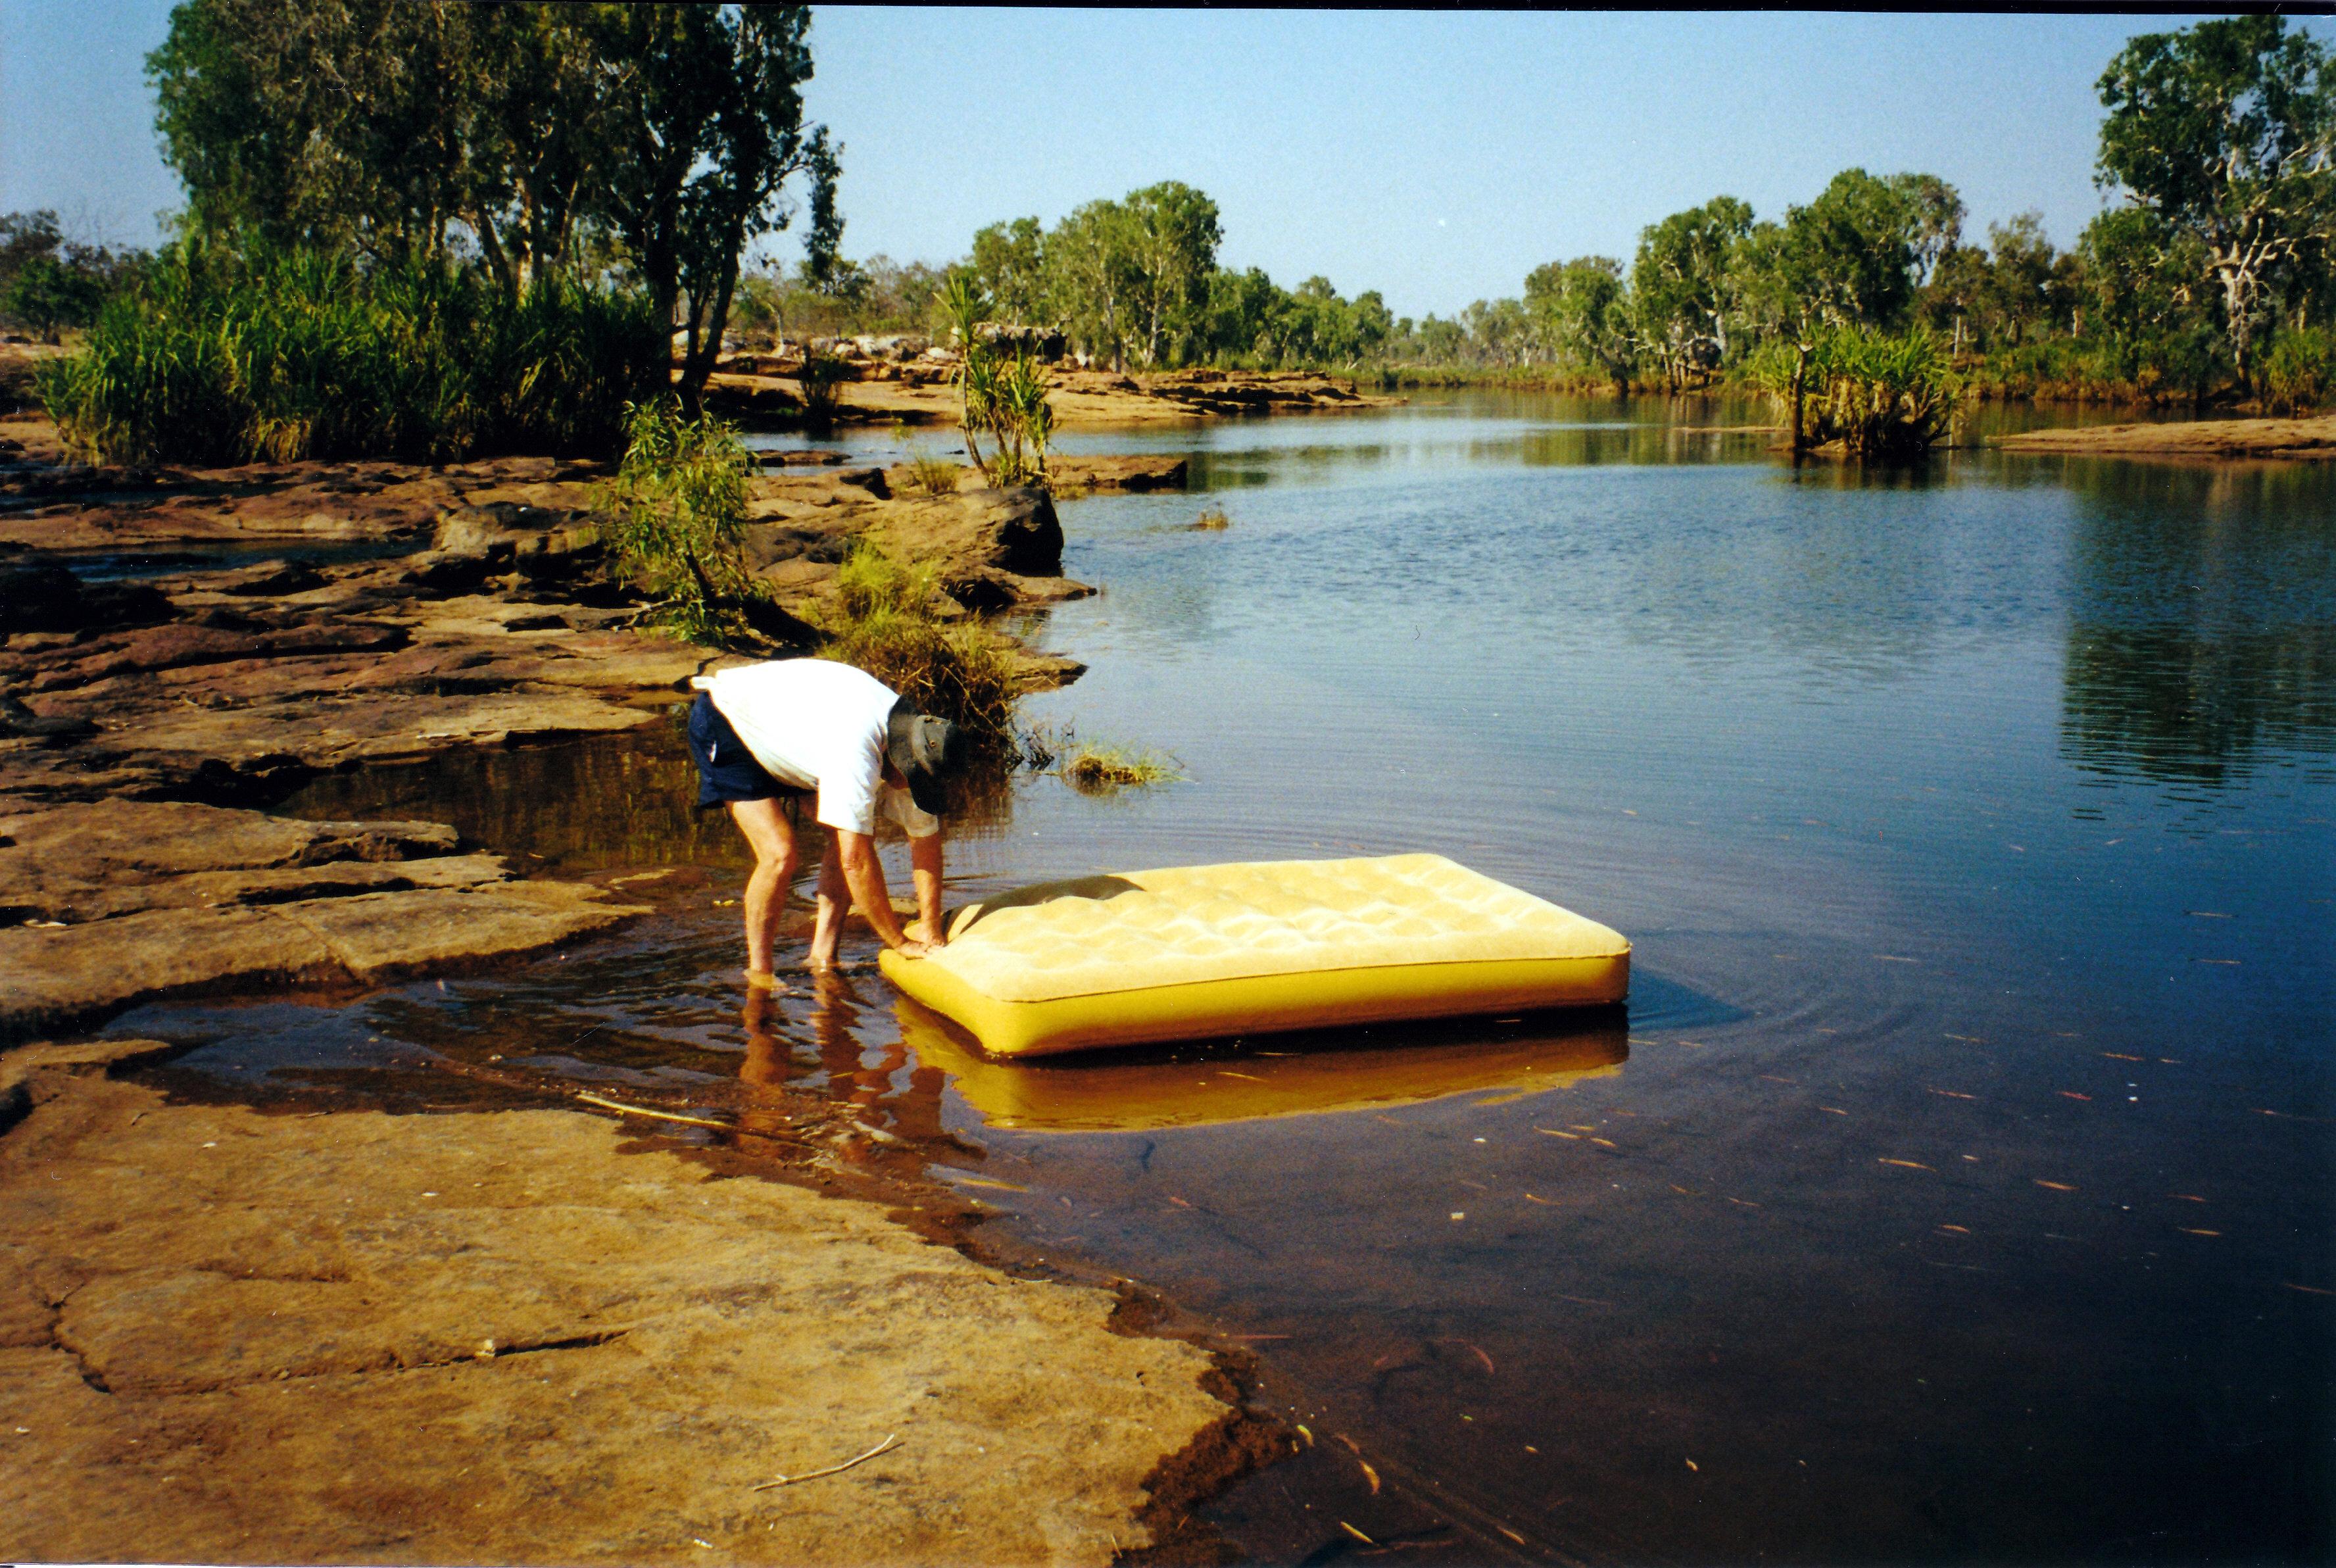 08-08-2000 02 finding leak.jpg